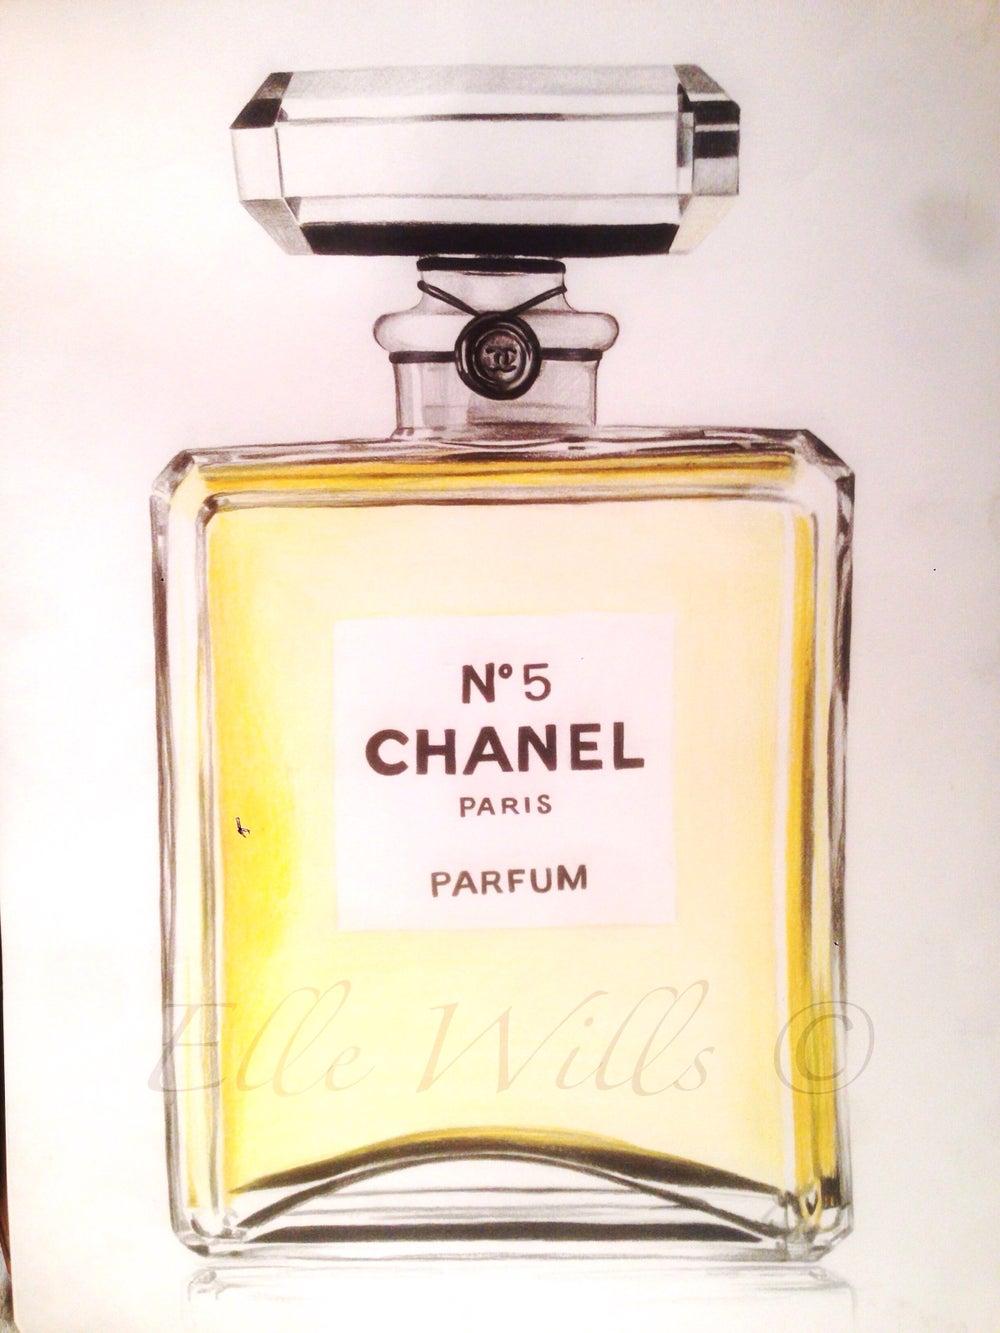 Image of No. 5